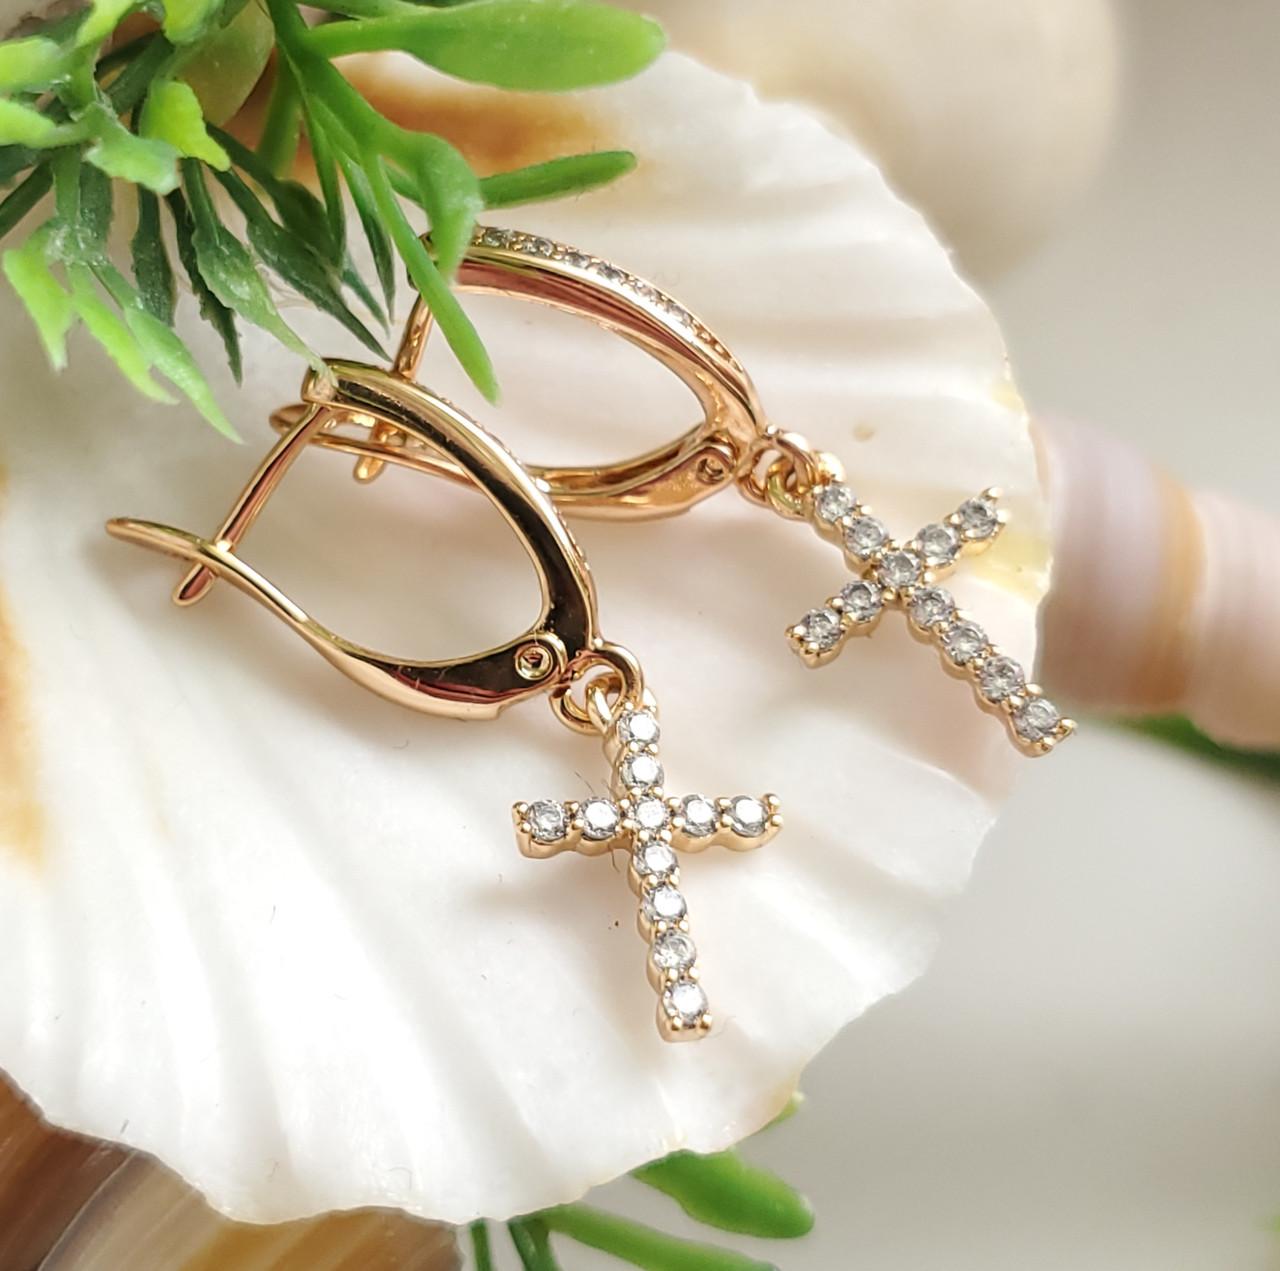 Серьги с крестиками Xuping длина 3см медицинское золото позолота 18К  с905